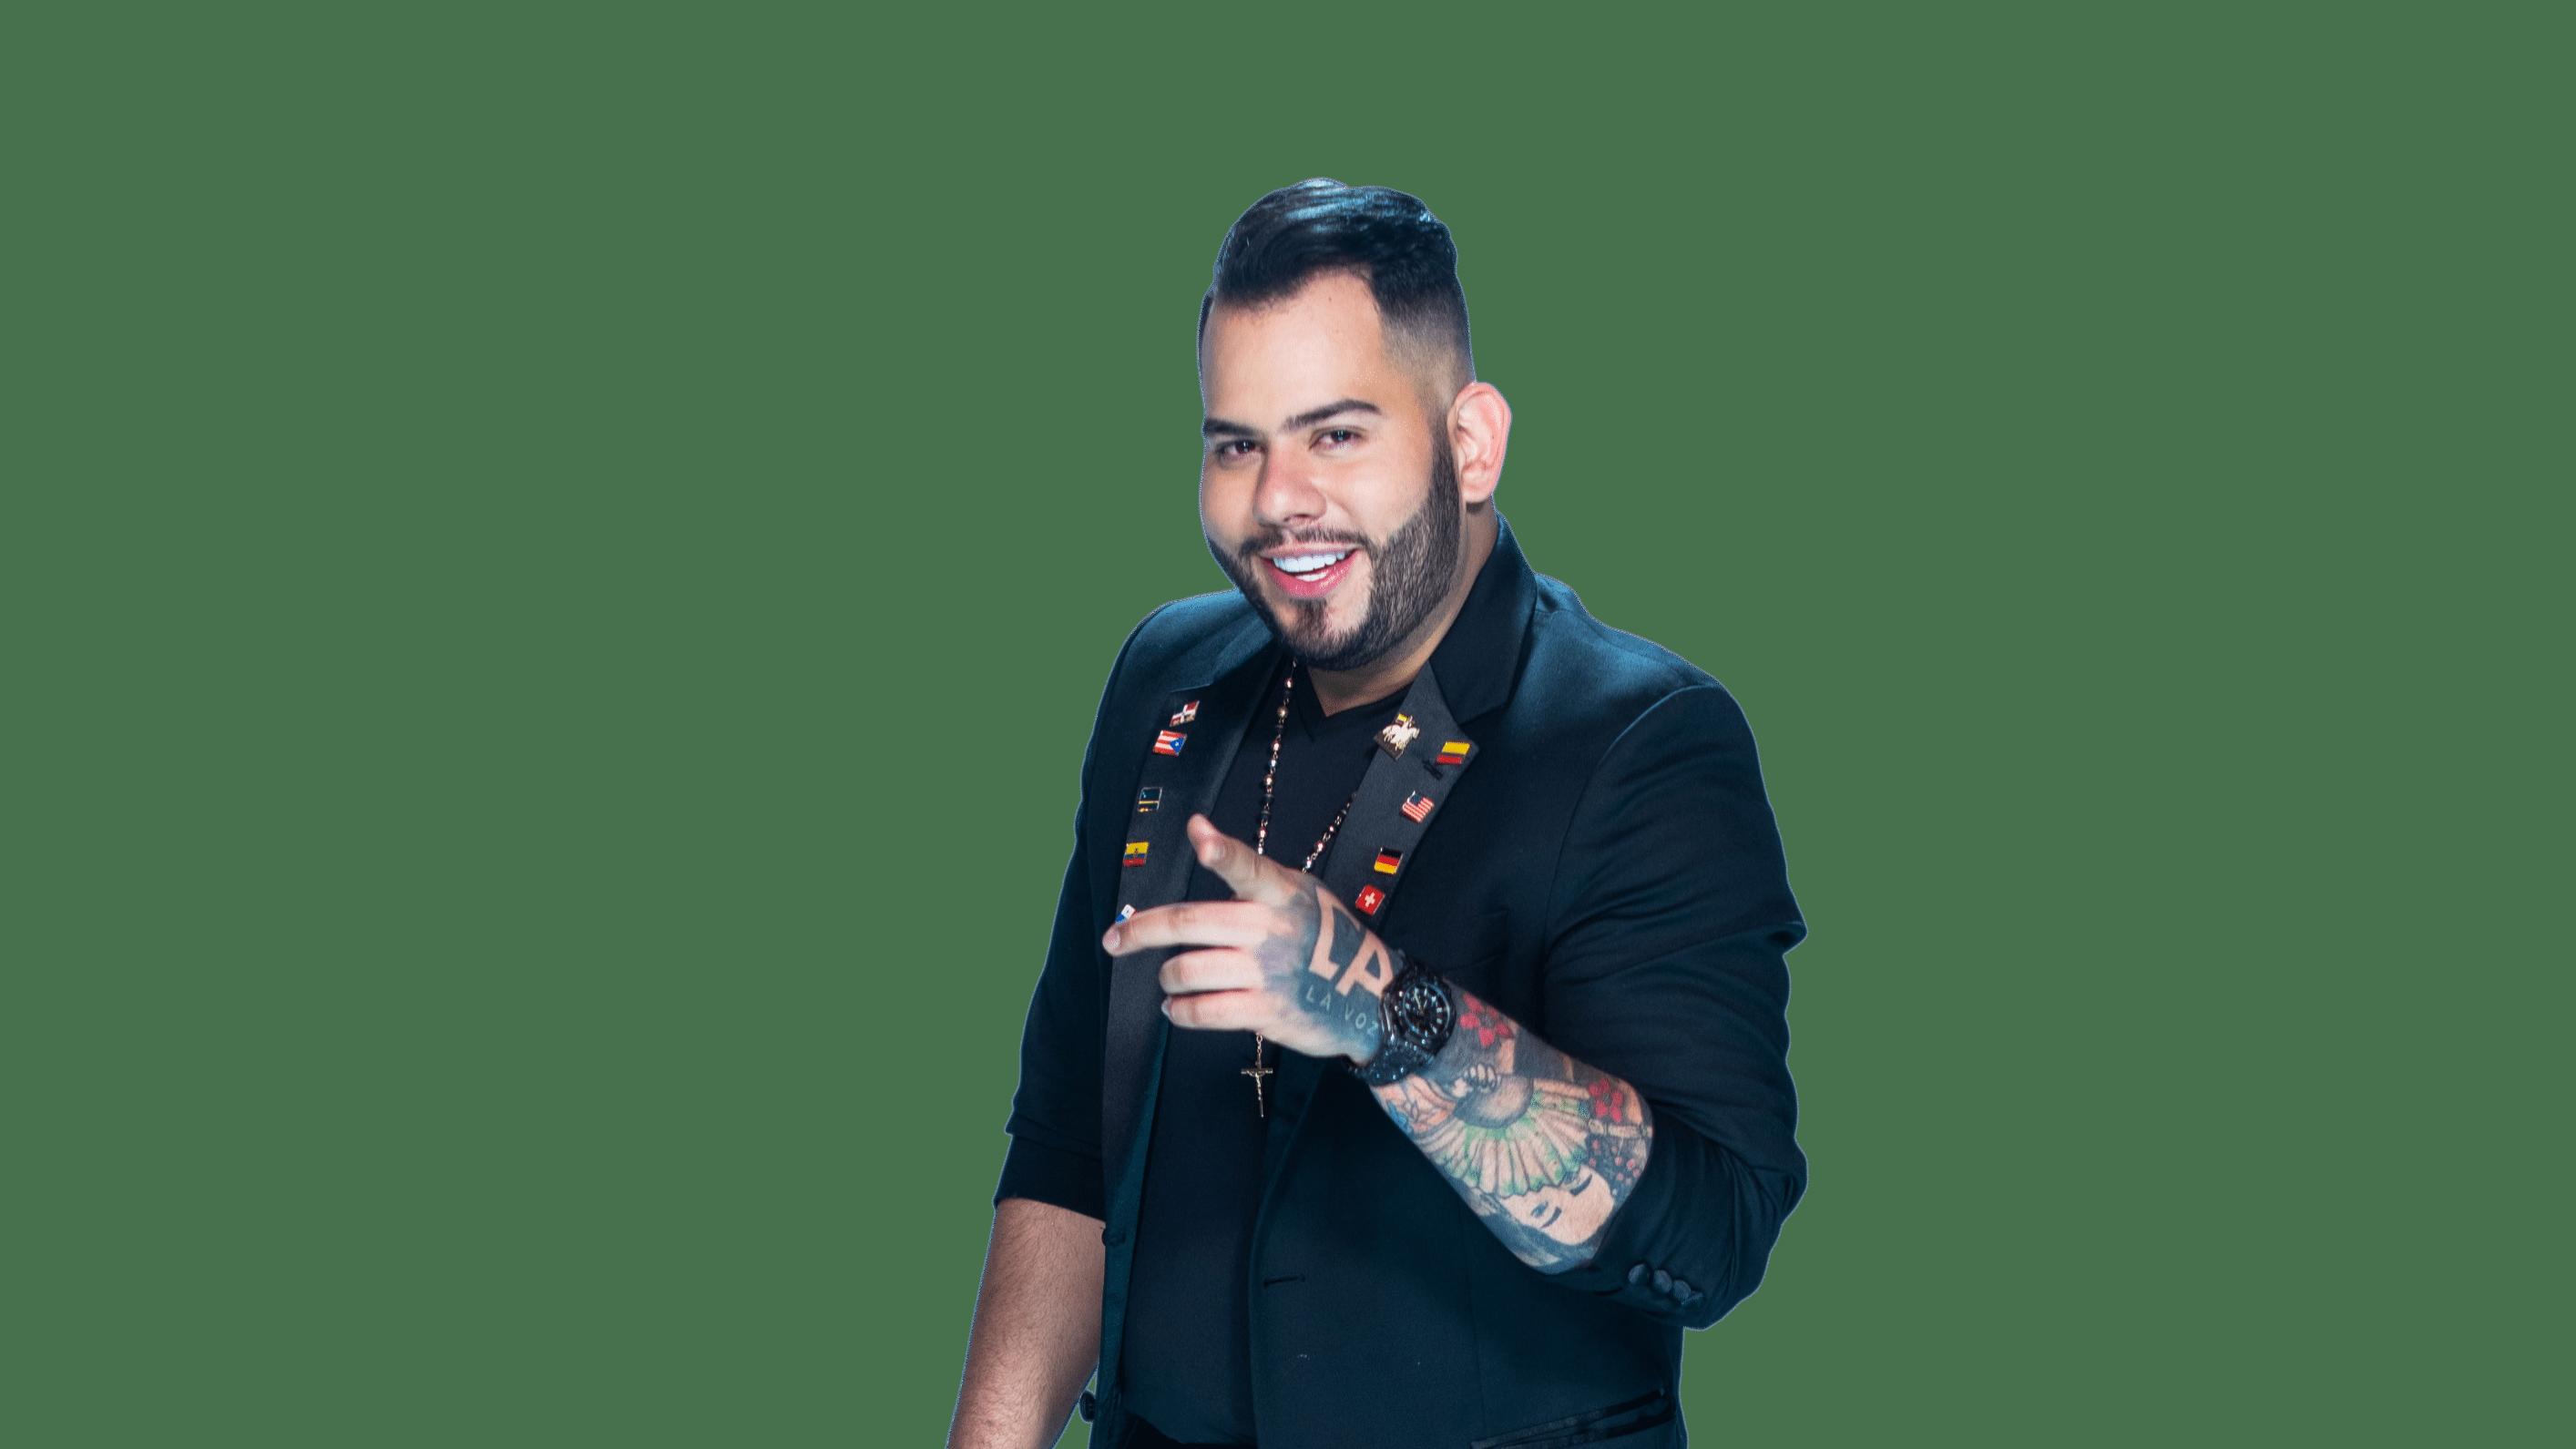 Diego A La Vozse convirtió en el artista revelación